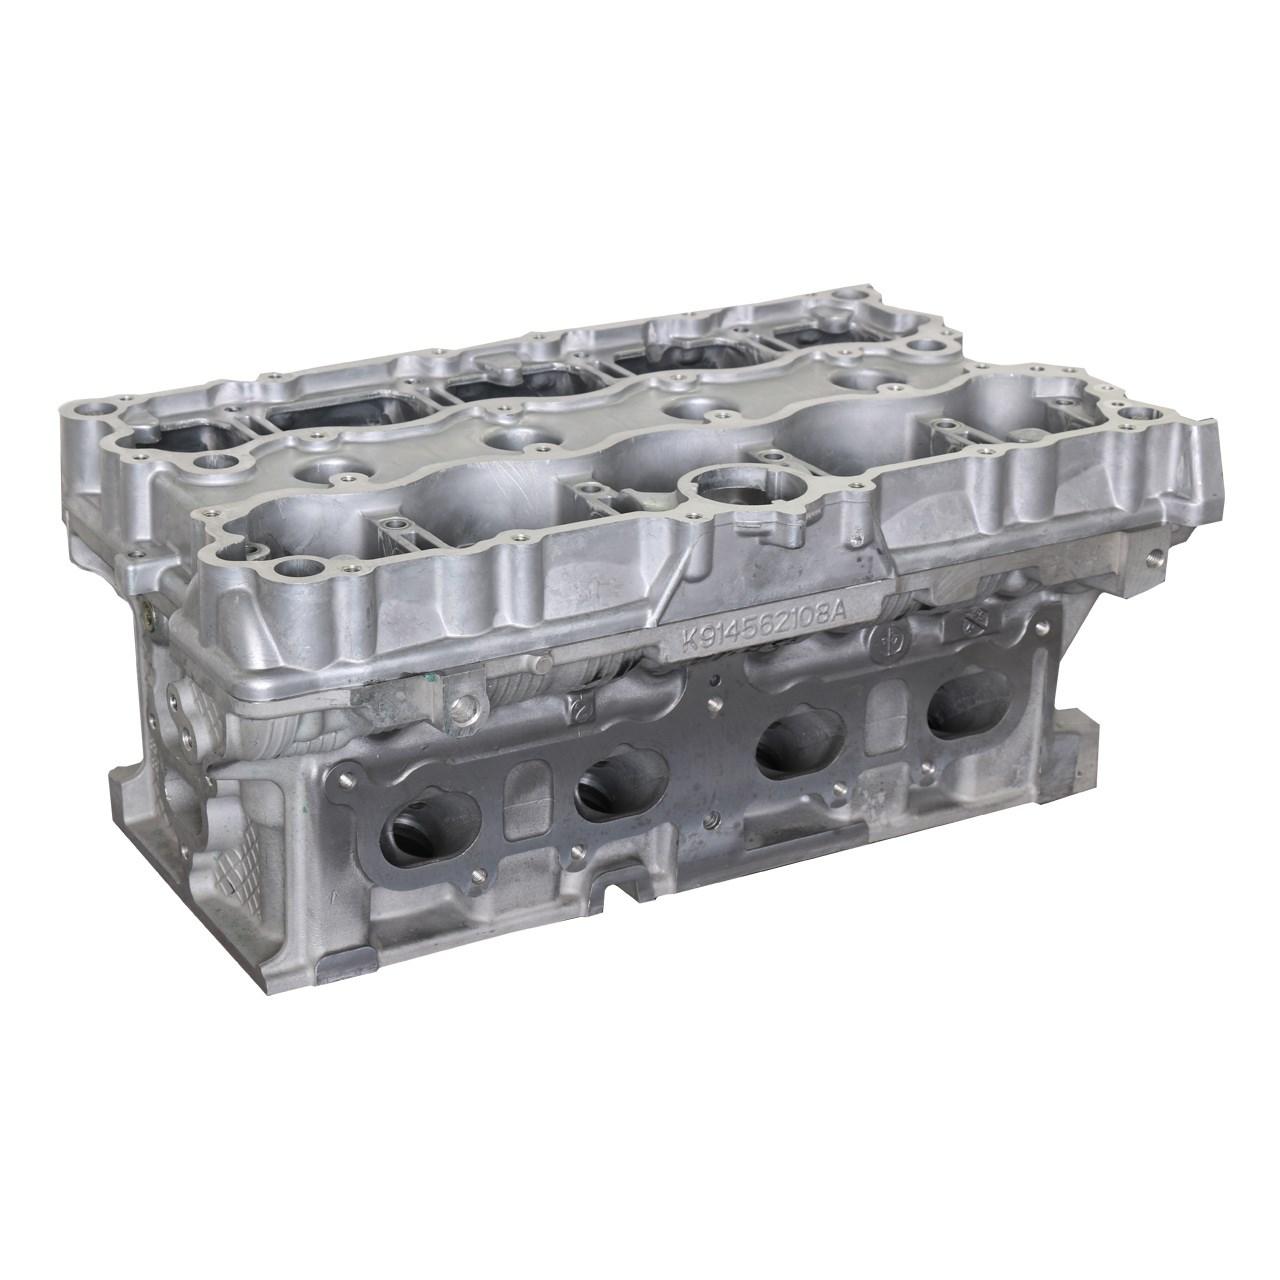 سرسیلندر گسترش وسایل خودرو آسیا مناسب برای سمند EF7